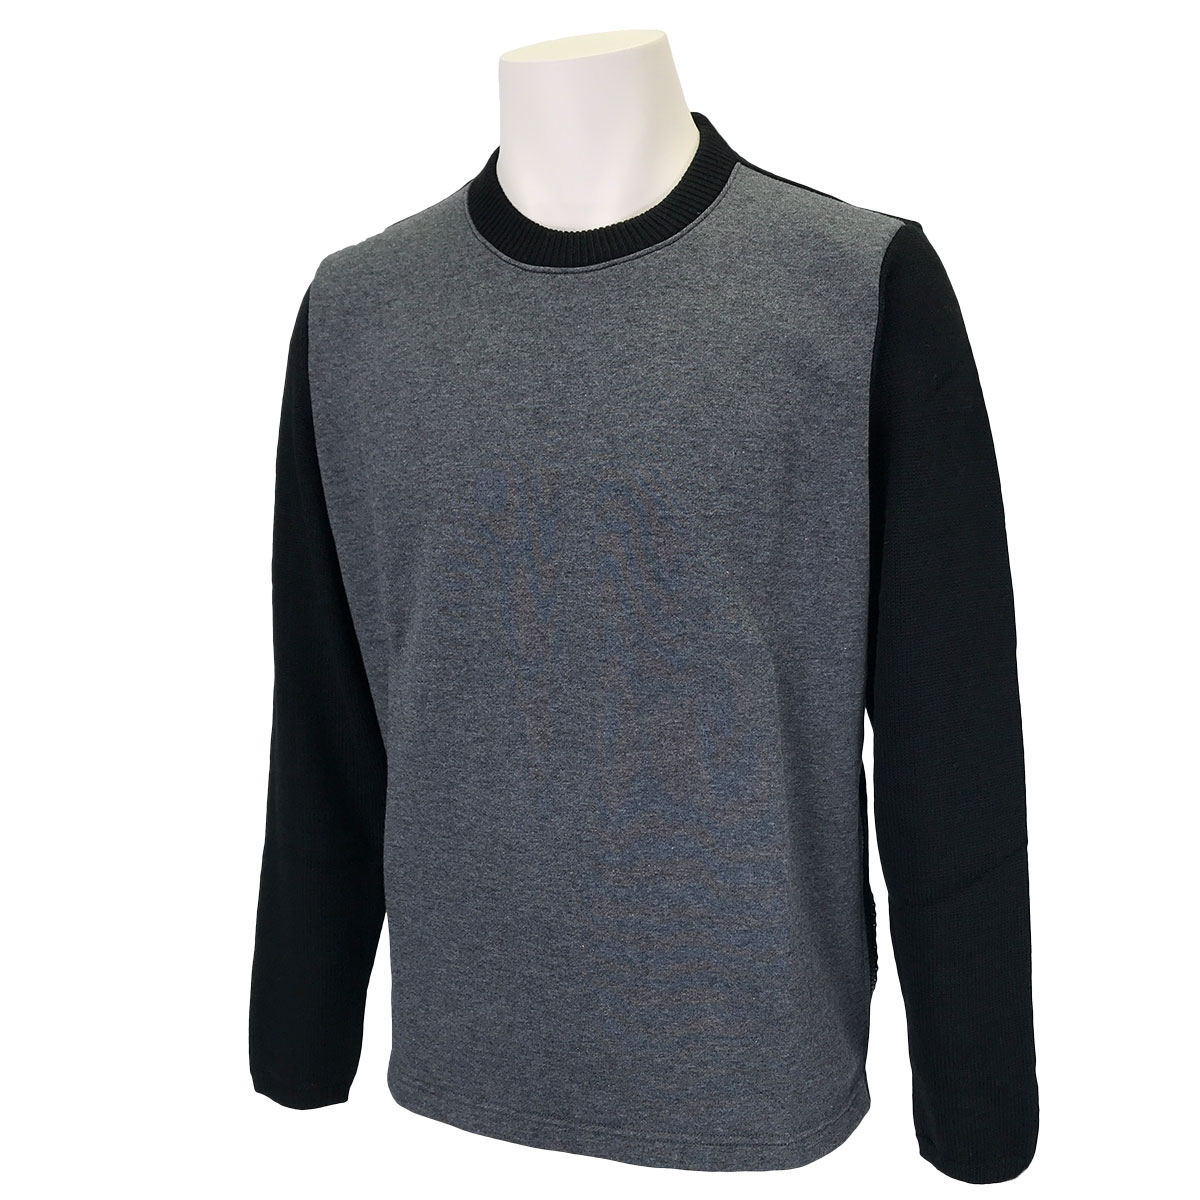 ニット切り替えジップ脇開き丸首セーター